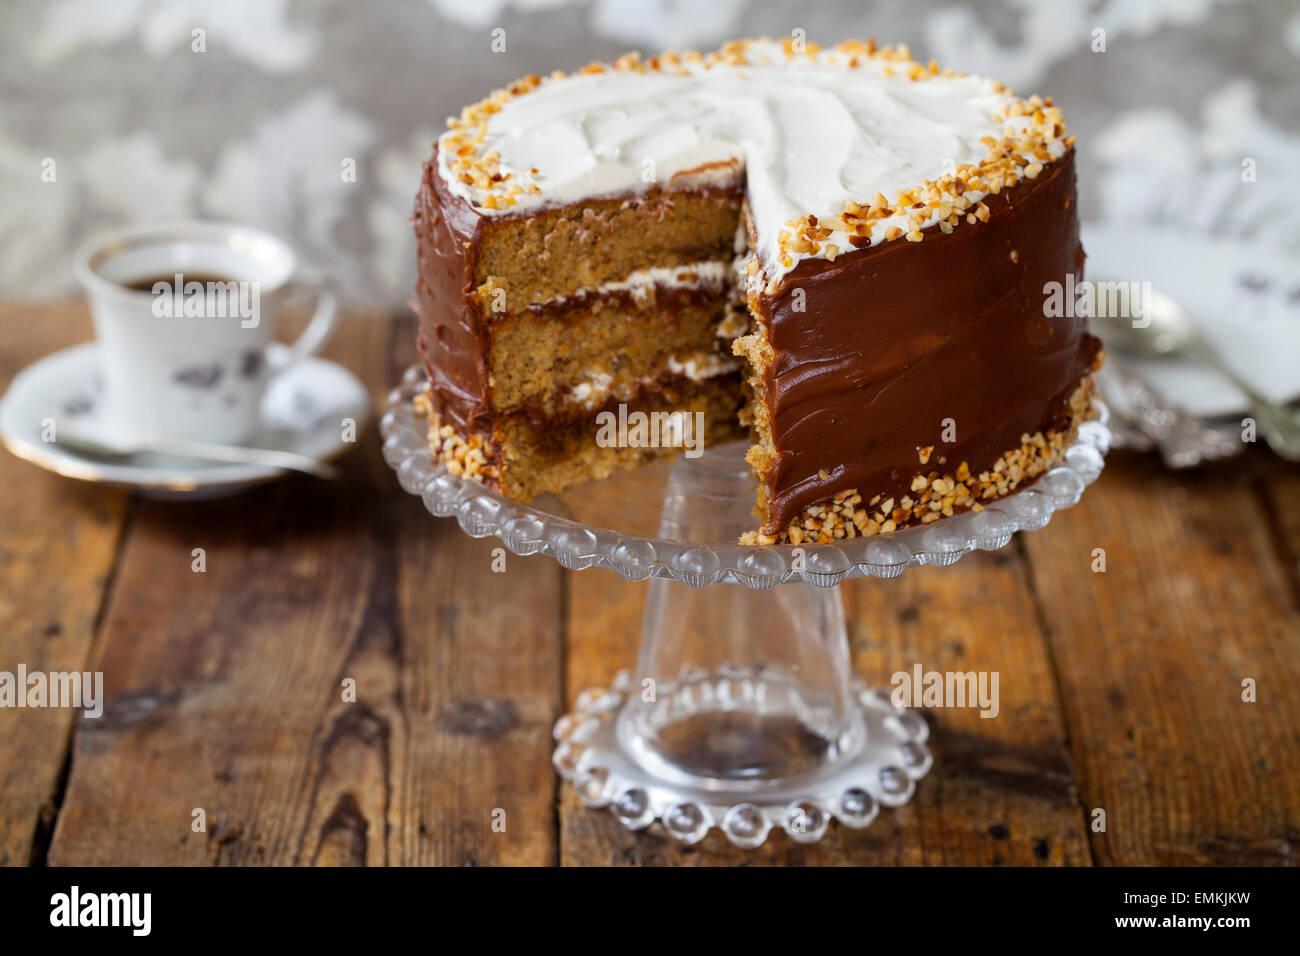 Café et gâteau aux noisettes Photo Stock